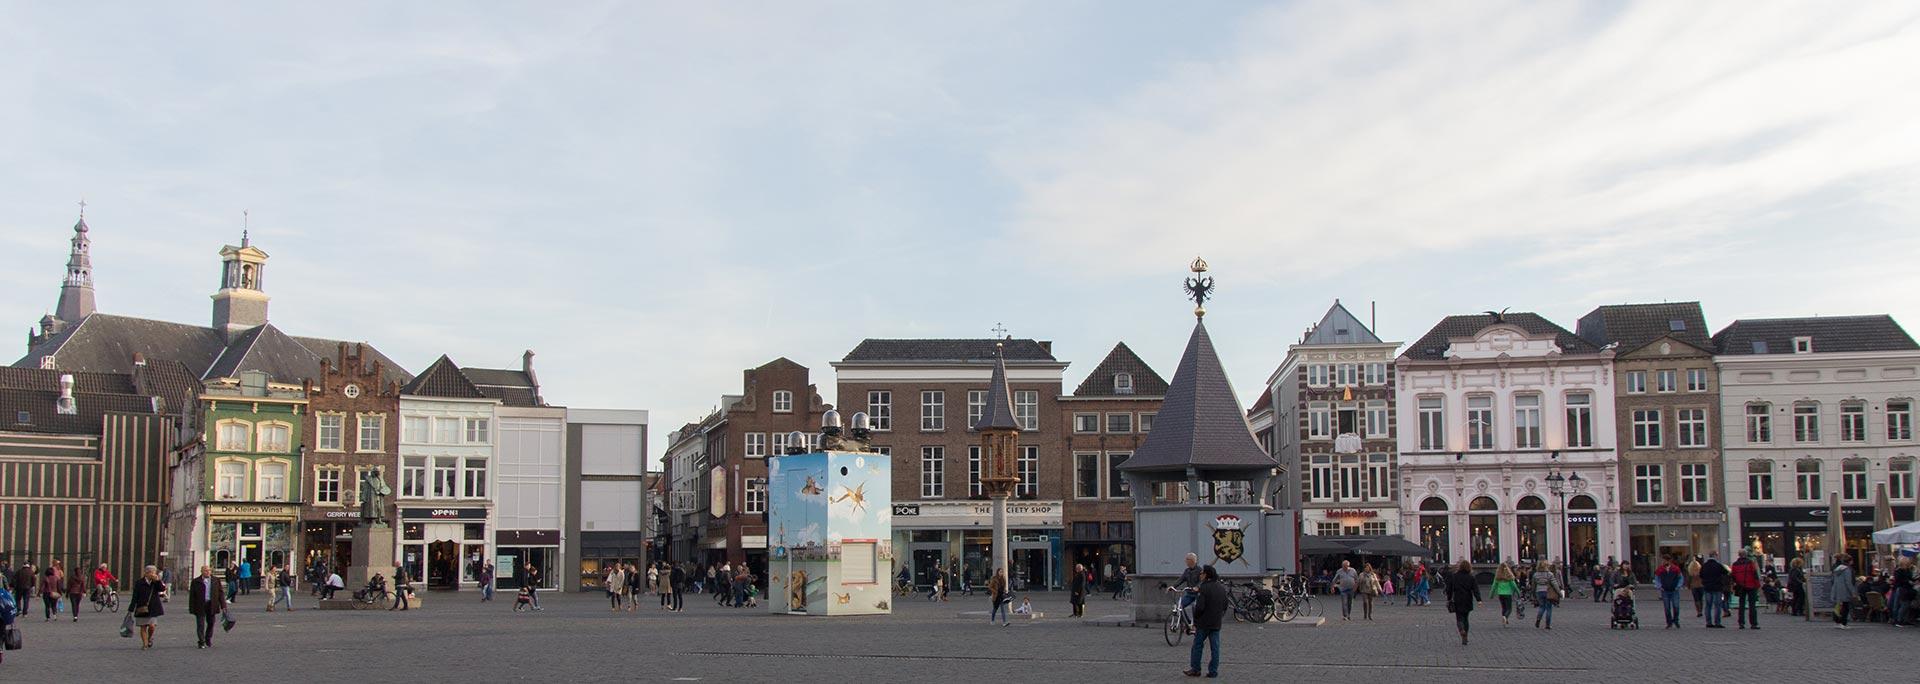 slider-denbosch-05